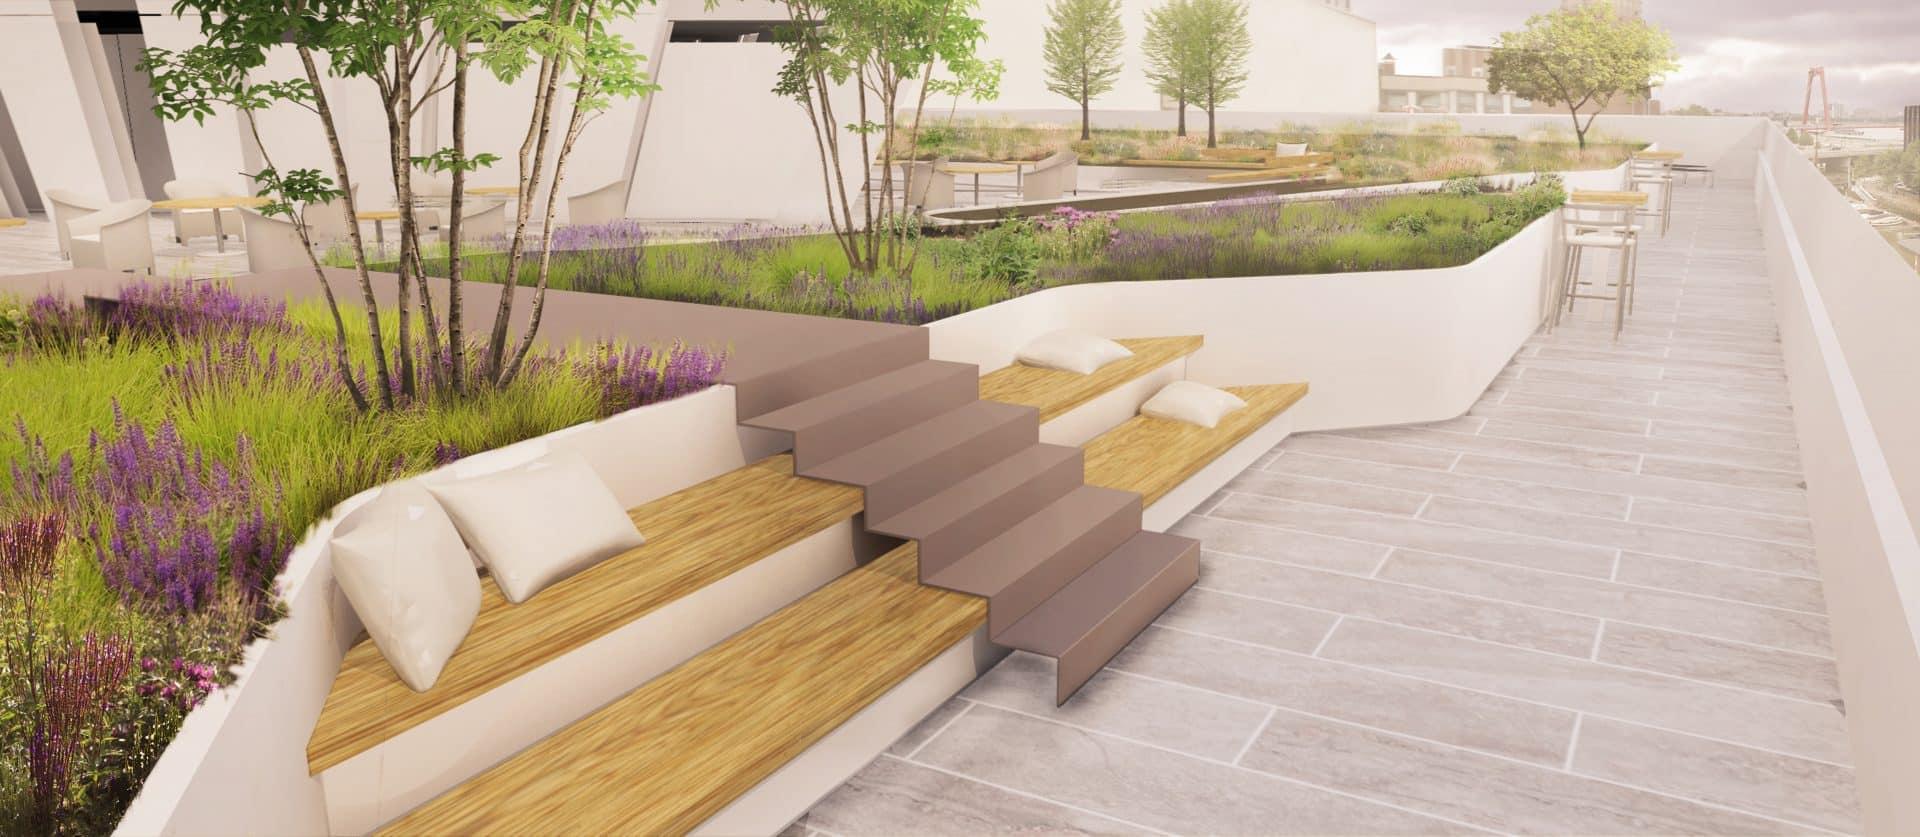 Zitplekken langs de dakrand ontwerp meubilair daktuin Jeroen Hamers